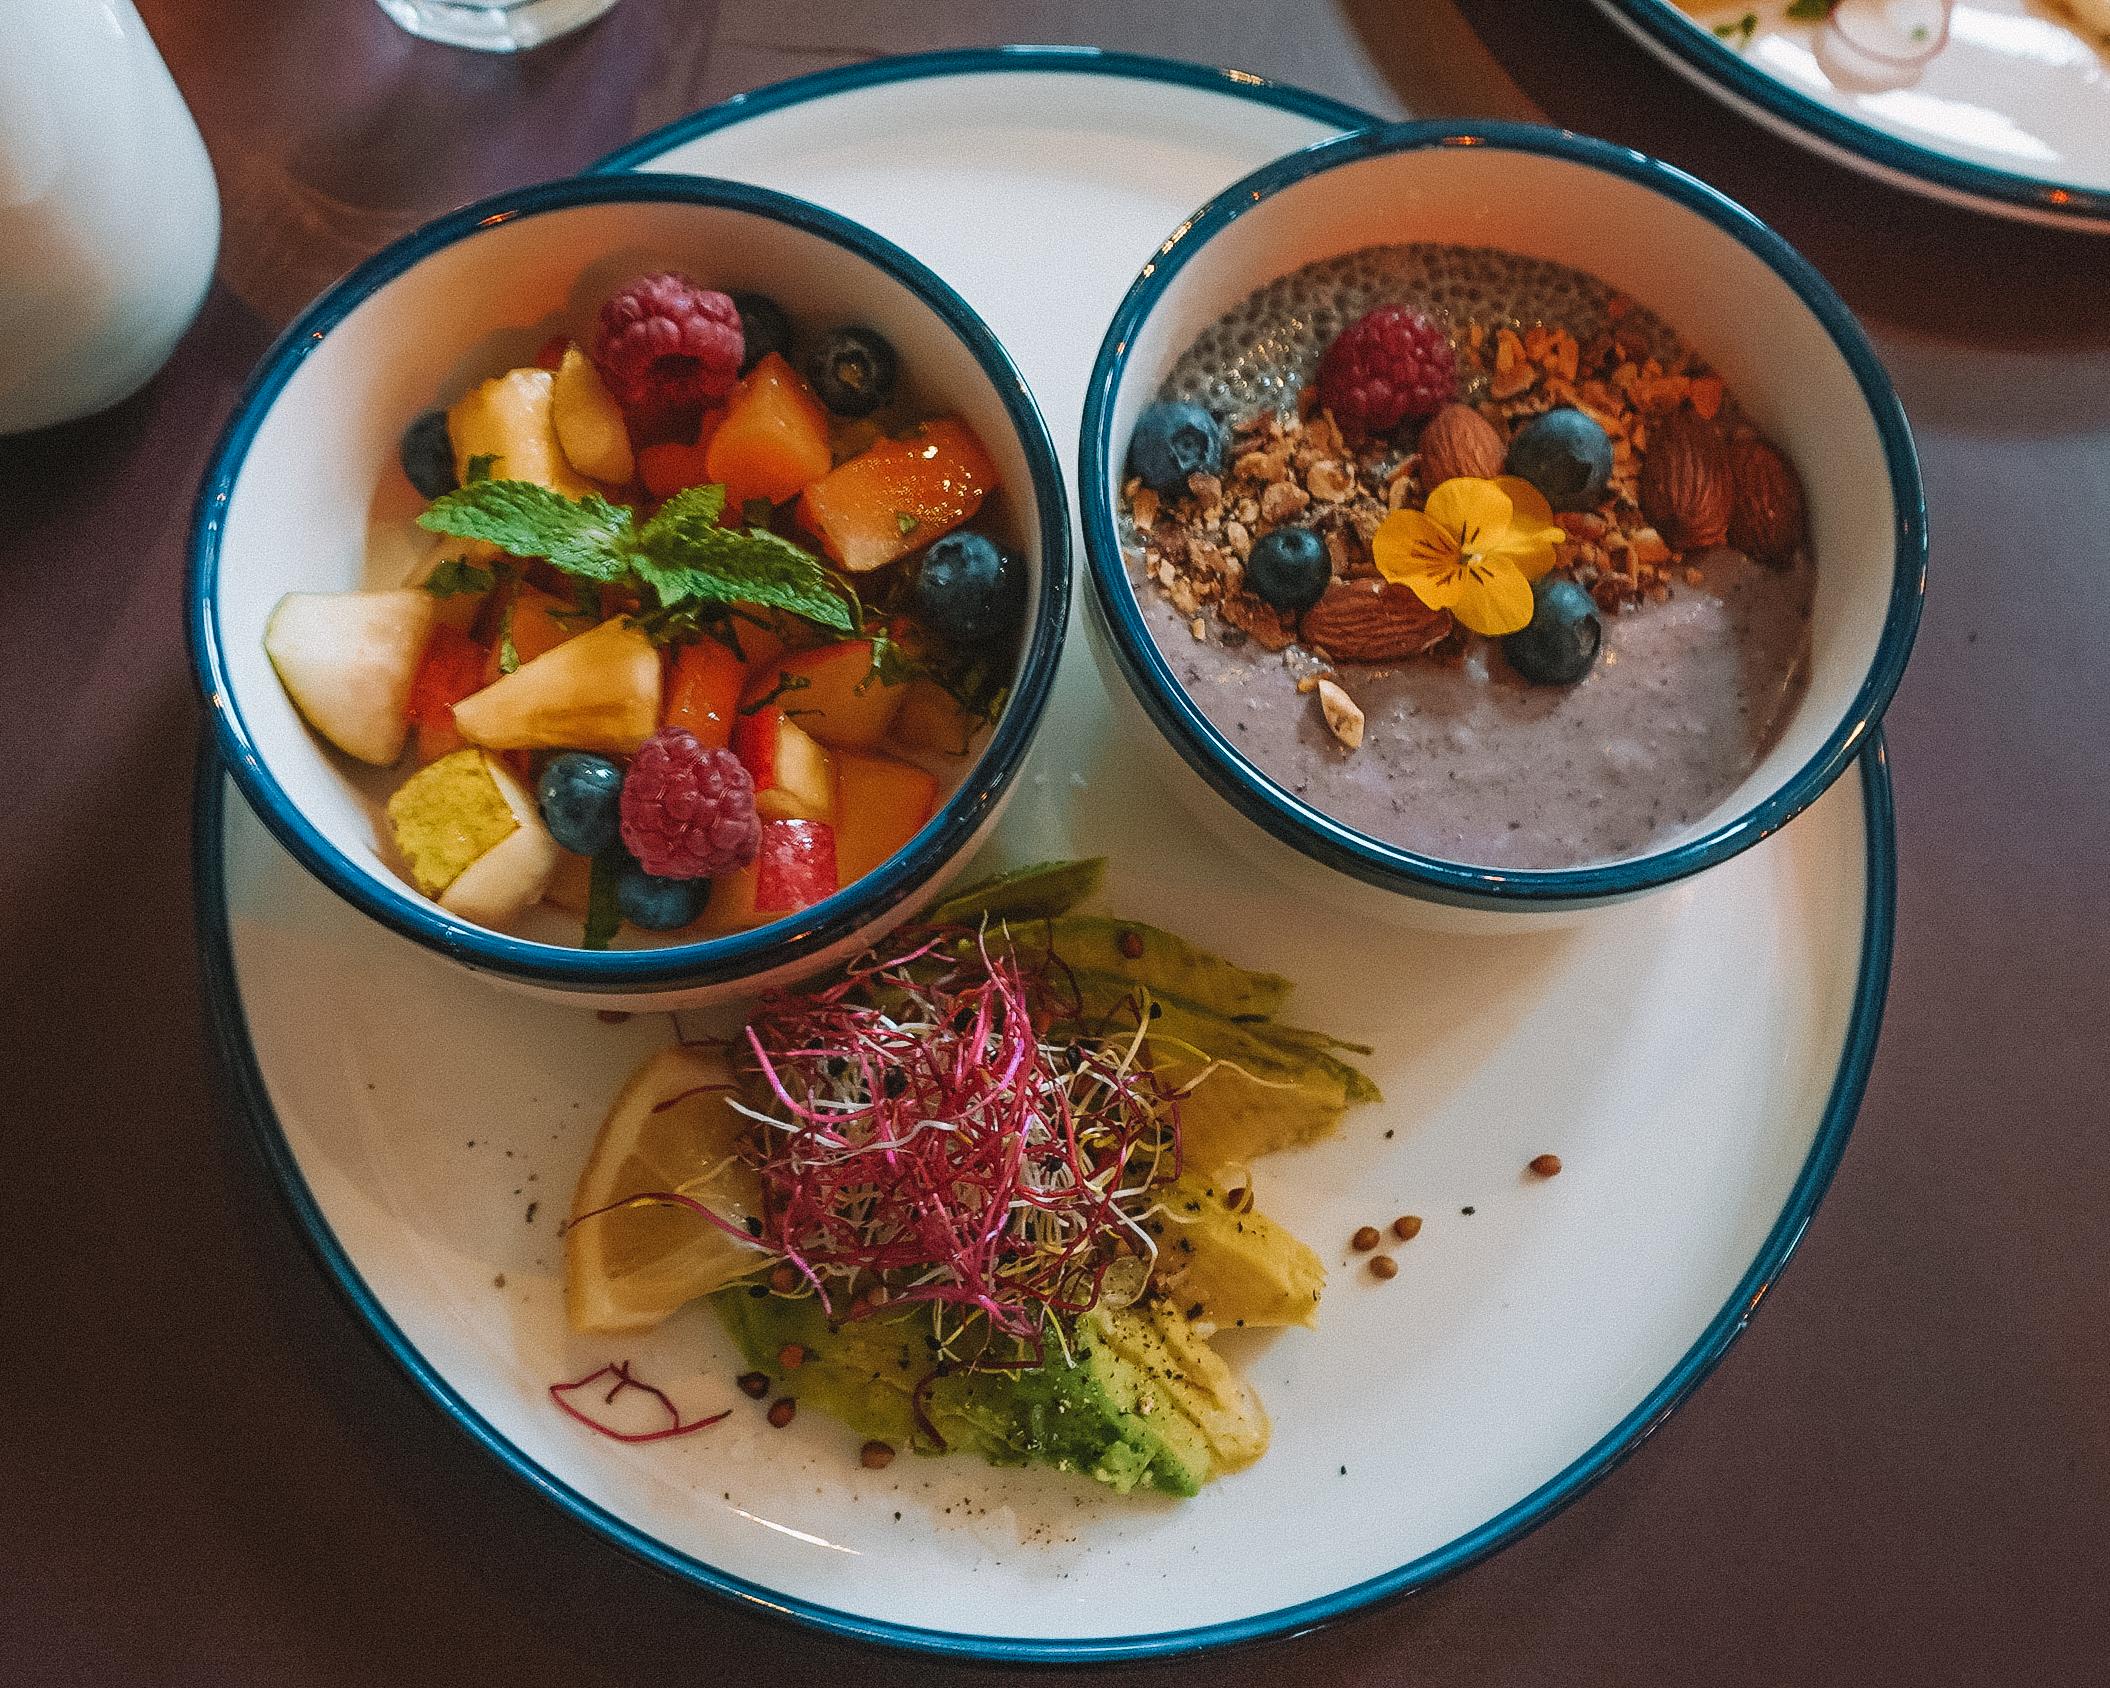 酒店亚历山德拉哥本哈根评论-早餐选择-健康